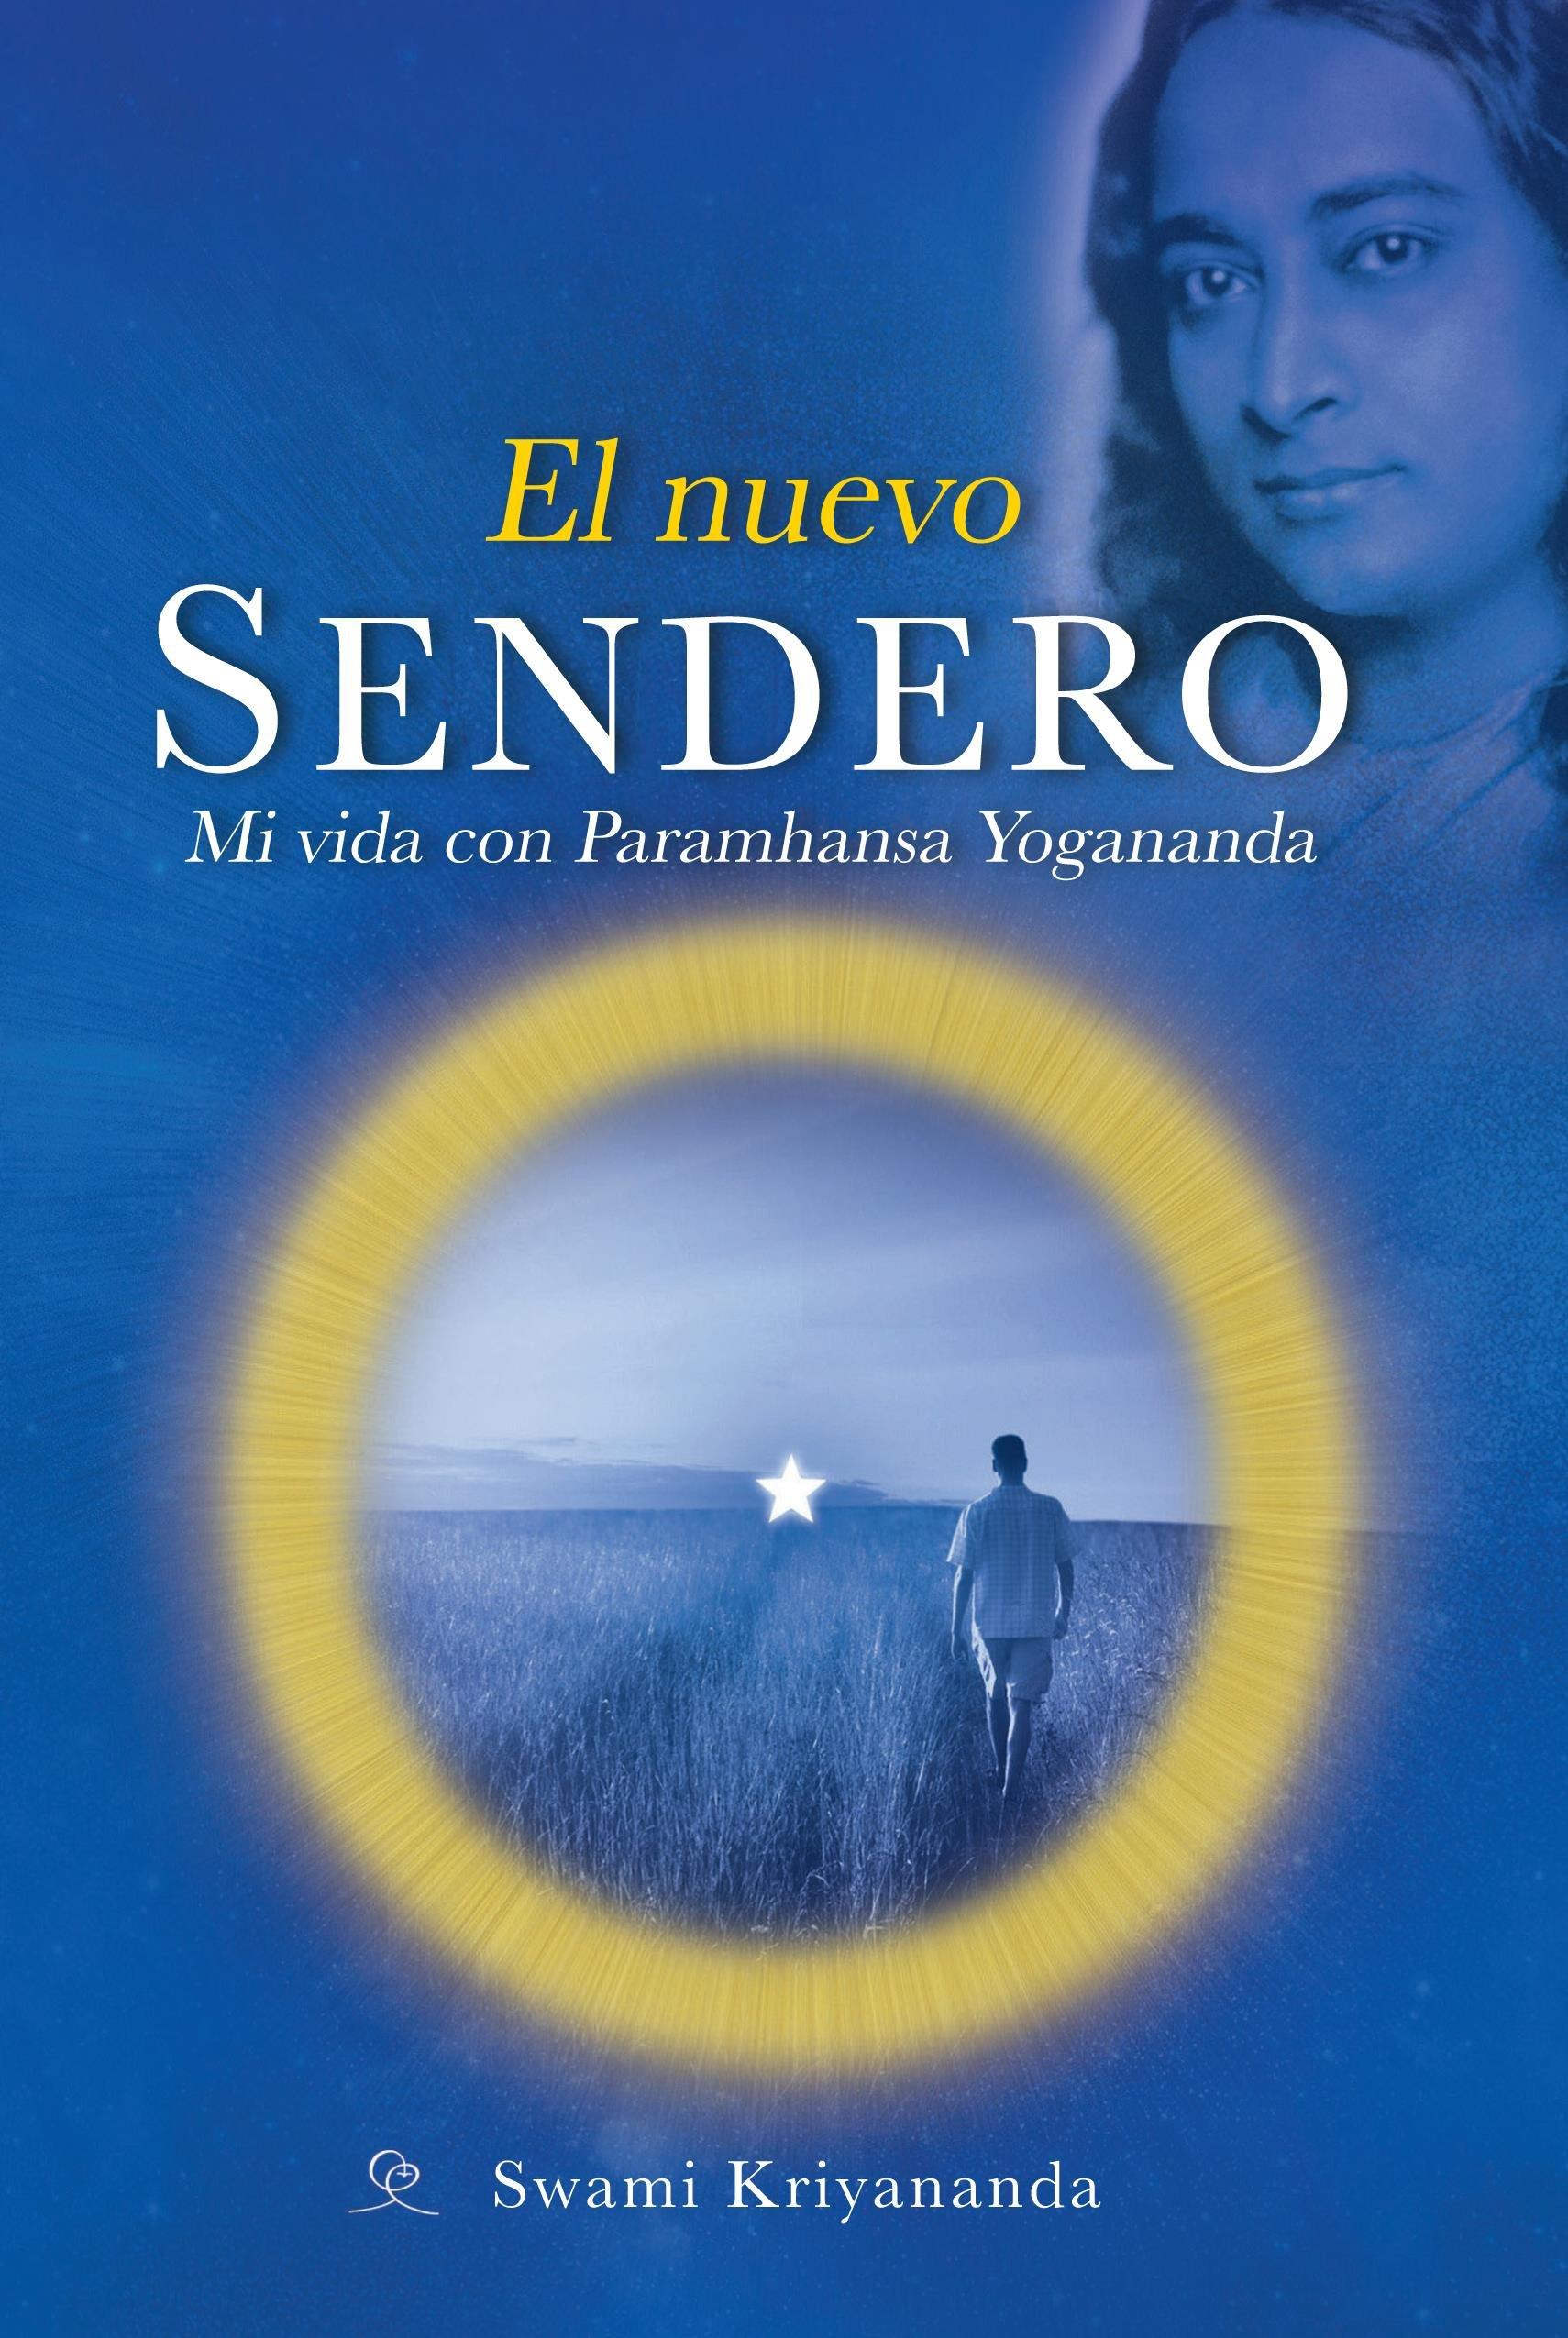 El Nuevo Sendero: Mi Vida con Paramhansa Yogananda (Spanish Edition): Swami Kriyananda: 9781565893207: Amazon.com: Books